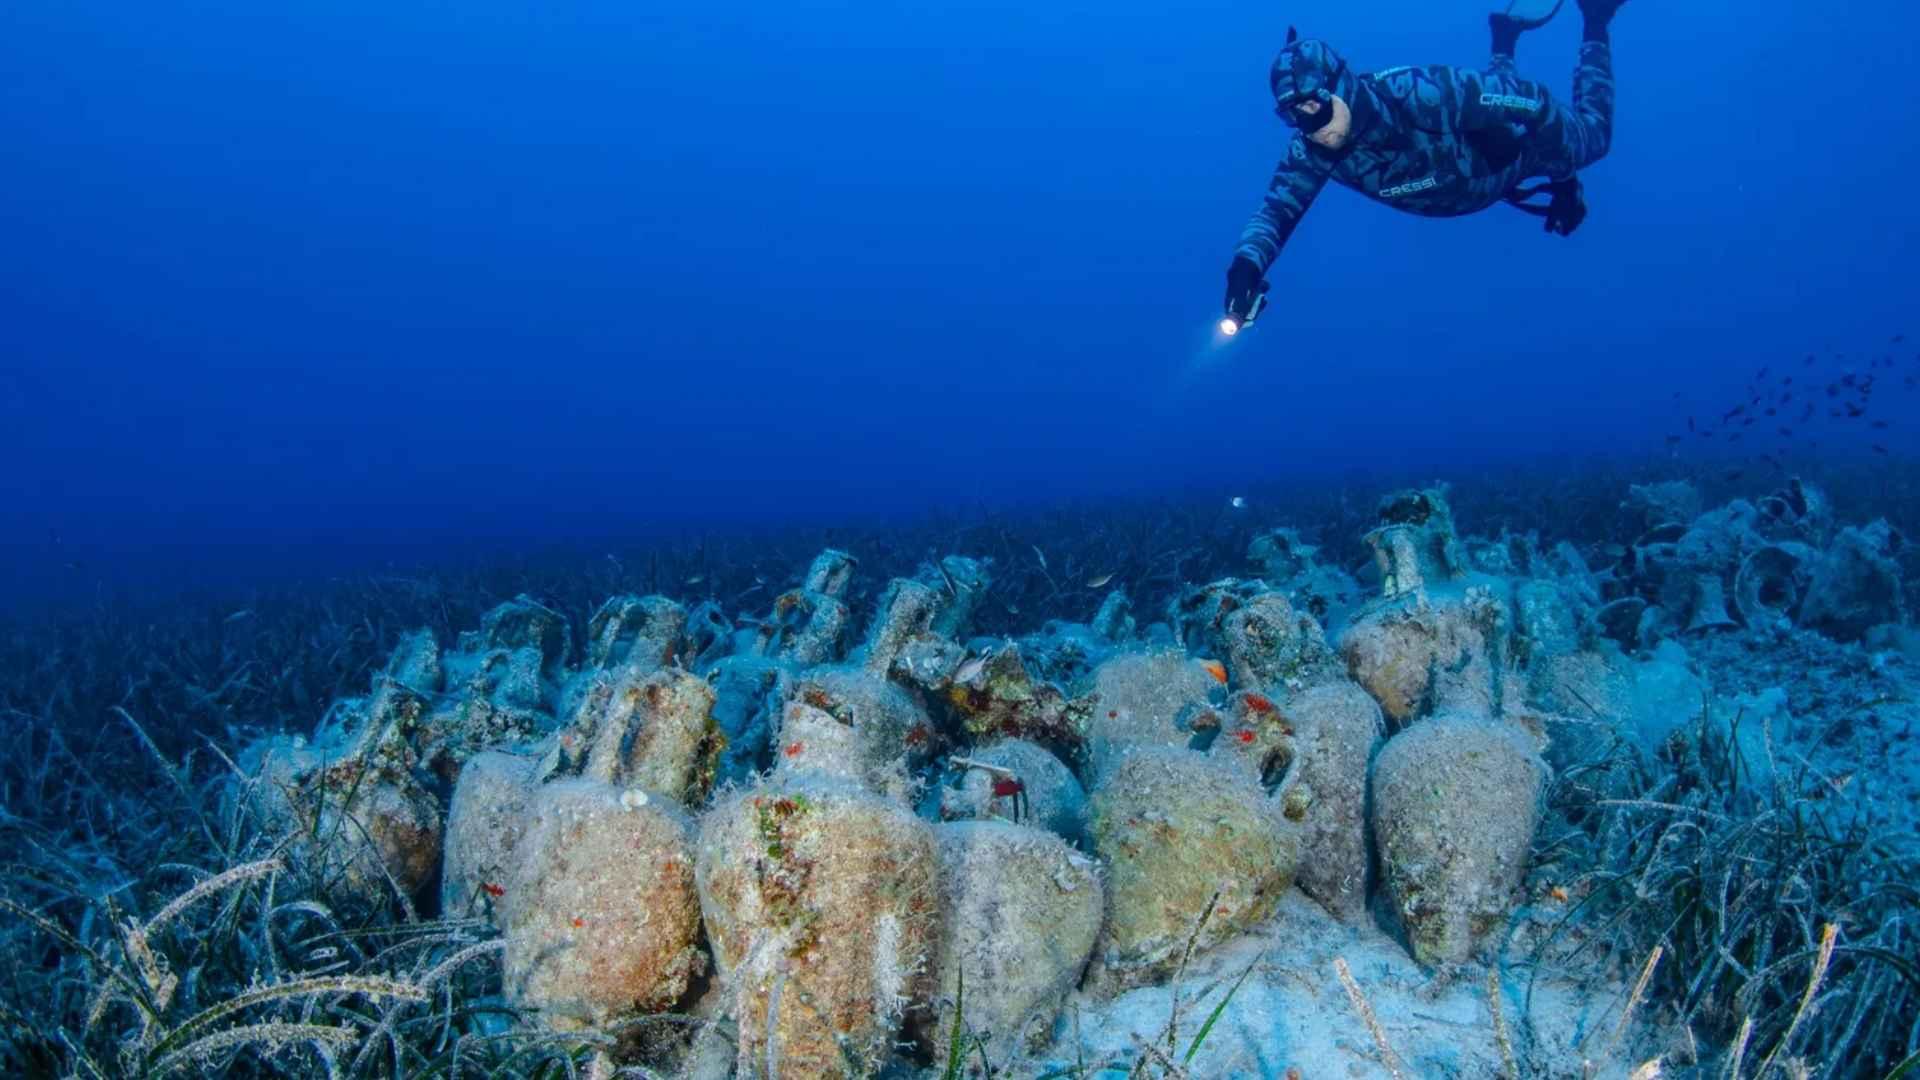 imagem-destacada-grecia-deve-ganhar-primeiro-museu-subaquatico-em-2021